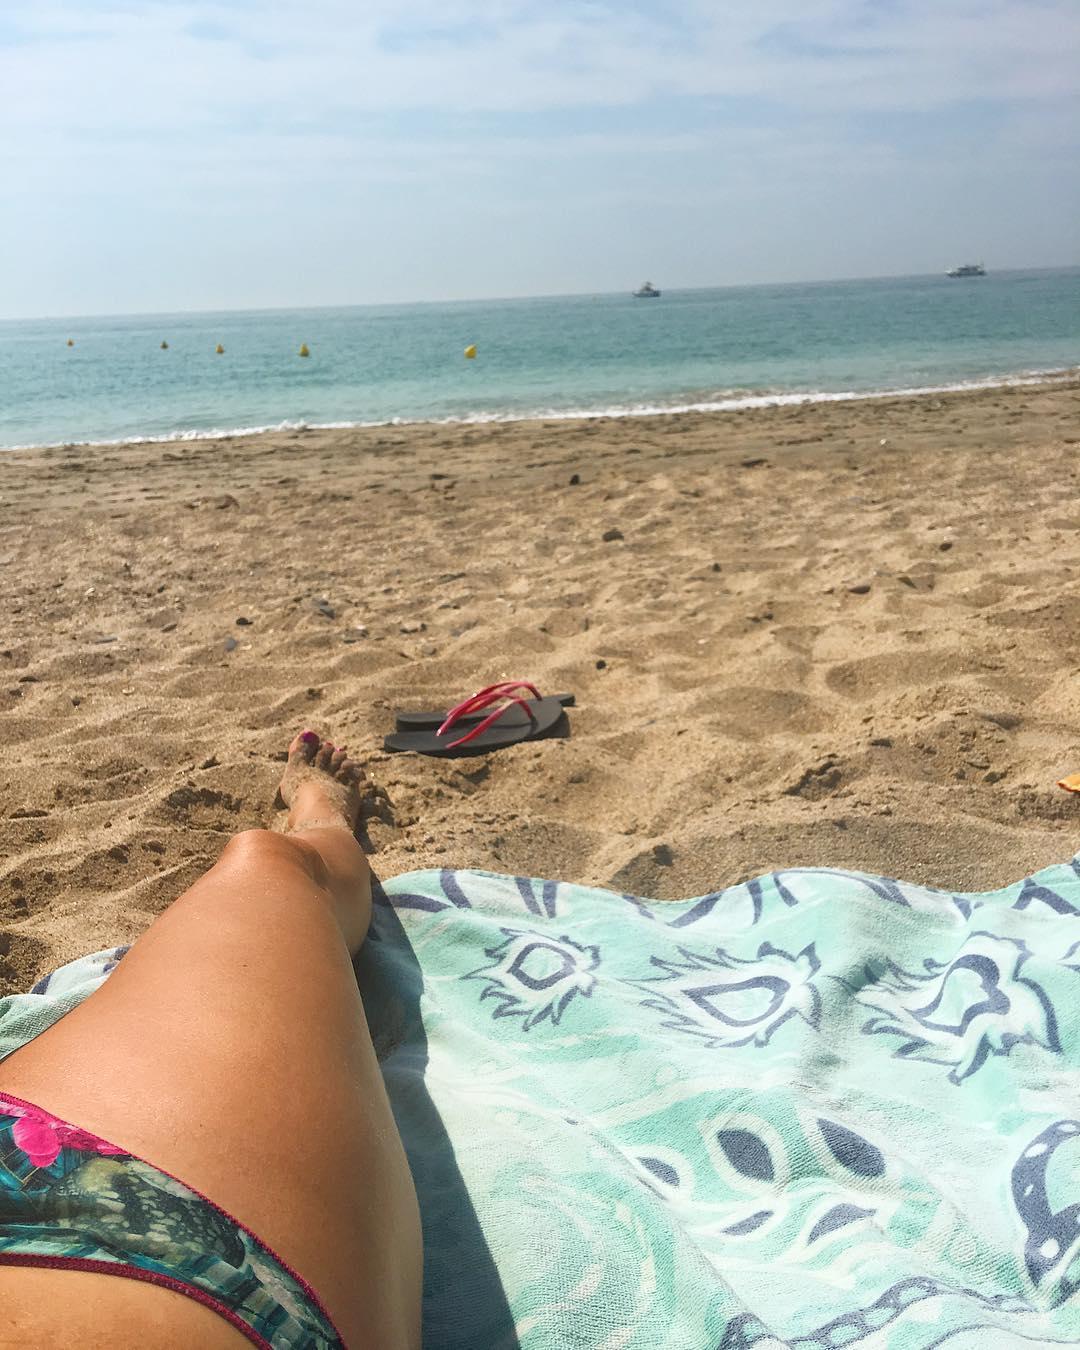 Plages sauvages, mes préférées ?? ... mais chuuuttt ! EncORE les seuls endroits qui ne sont pas surpeuplés l'été ?? . ➕ Plage Villeneuve les Maguelone . ?Montpellier (34)?? .  ________________ #villeneuvelèsmaguelone #beach #beachlife #beachlover #travel #travelphotography #travelblogger #blogtravel #pintademontpellier #montpellier #palavas #pintademontpellier